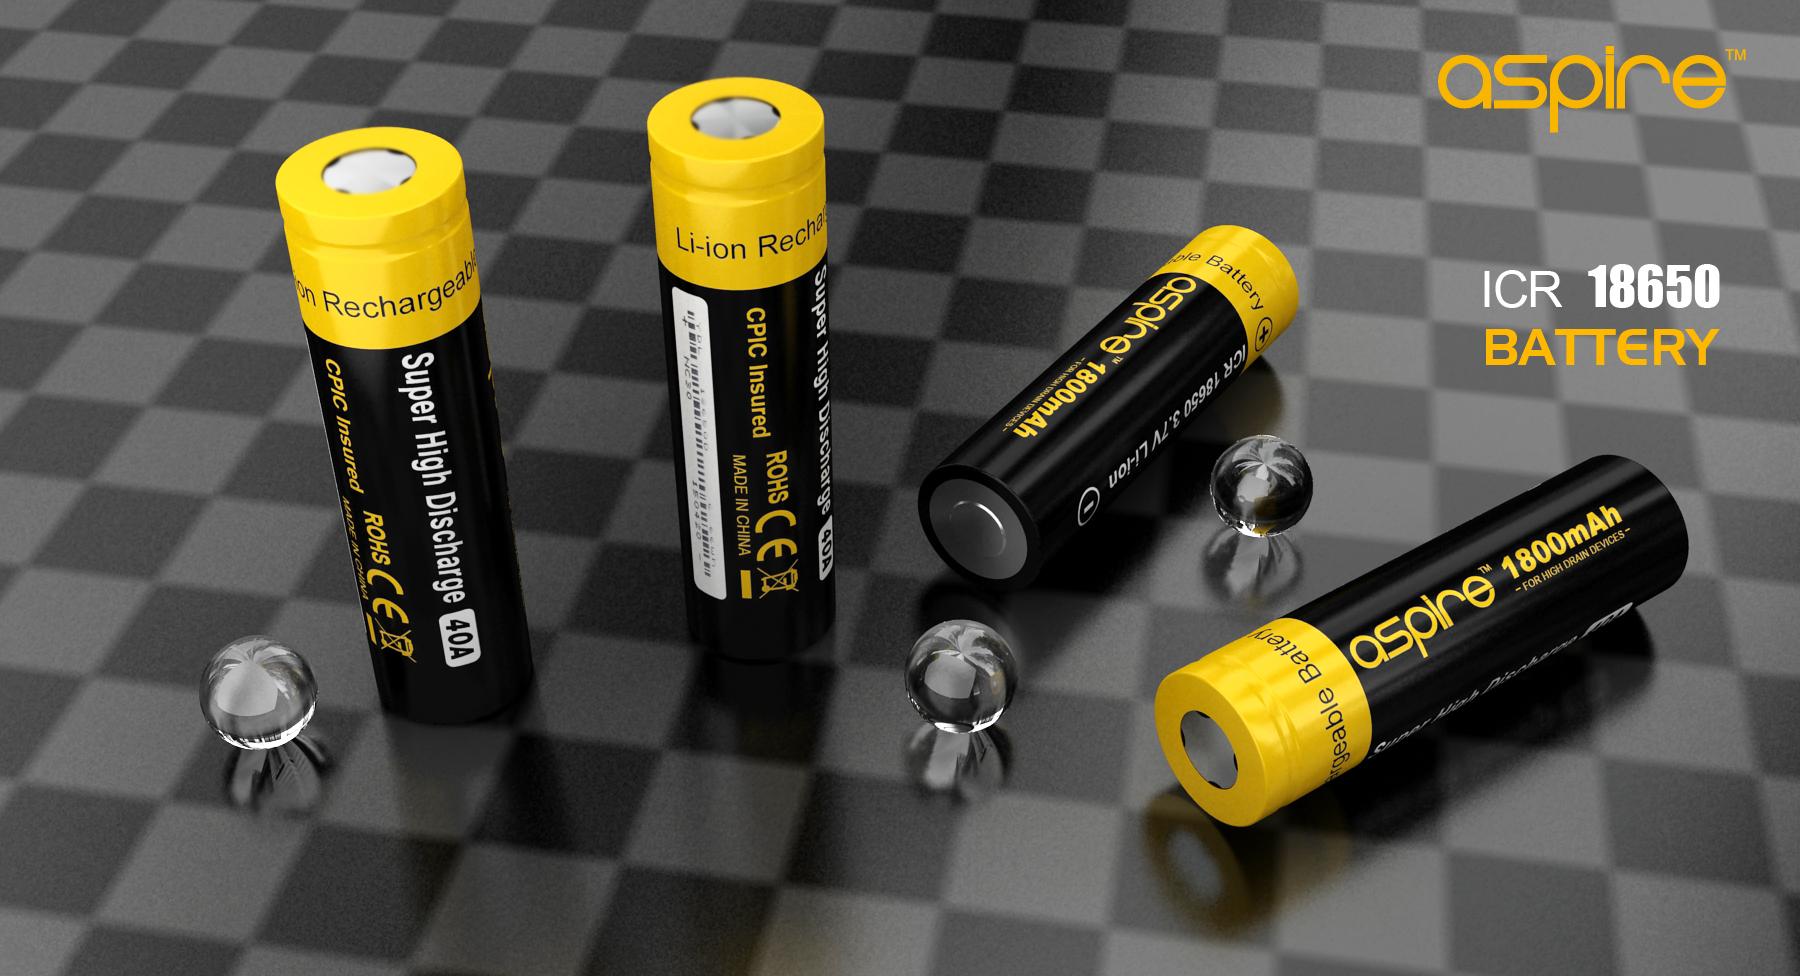 Aspire 18650 Battery(20A 2500MAH) & (40A 1800MAH)